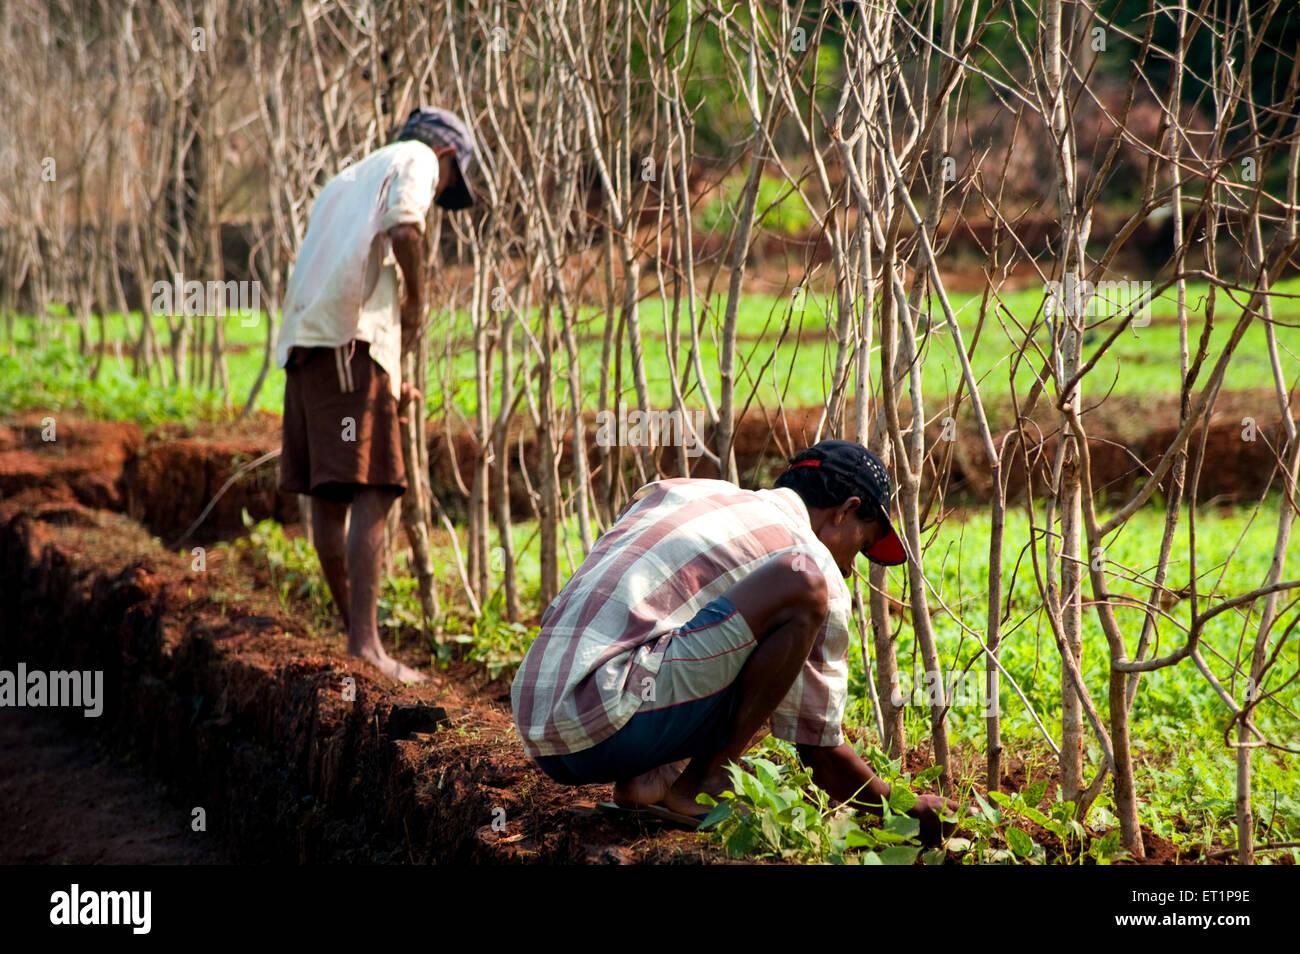 Agricultores en la aldea de esgrima en Ratnagiri Maharashtra Lanja ; ; ; La India Imagen De Stock